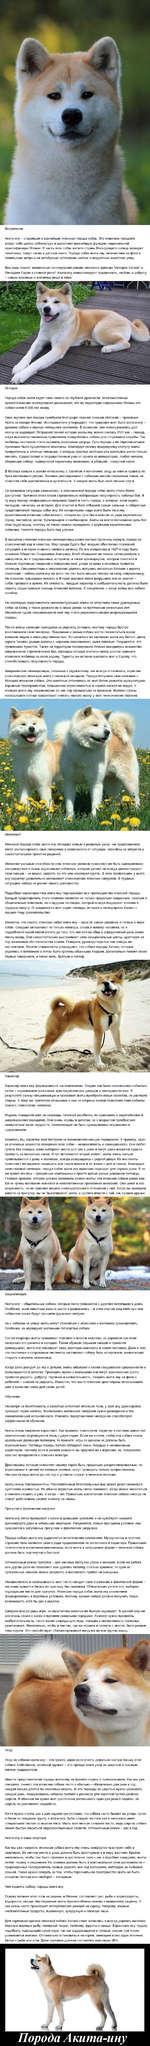 Вступление Акиту-ину - старейшая и важнейшая японская порода собак. Это животное породило вокруг себя целую субкультуру и выполняет важнейшую функцию национальной идентификации Японии. В честь этих собак жители страны Восходящего солнца возводят памятники, пишут песни и детские книги. Порода собак